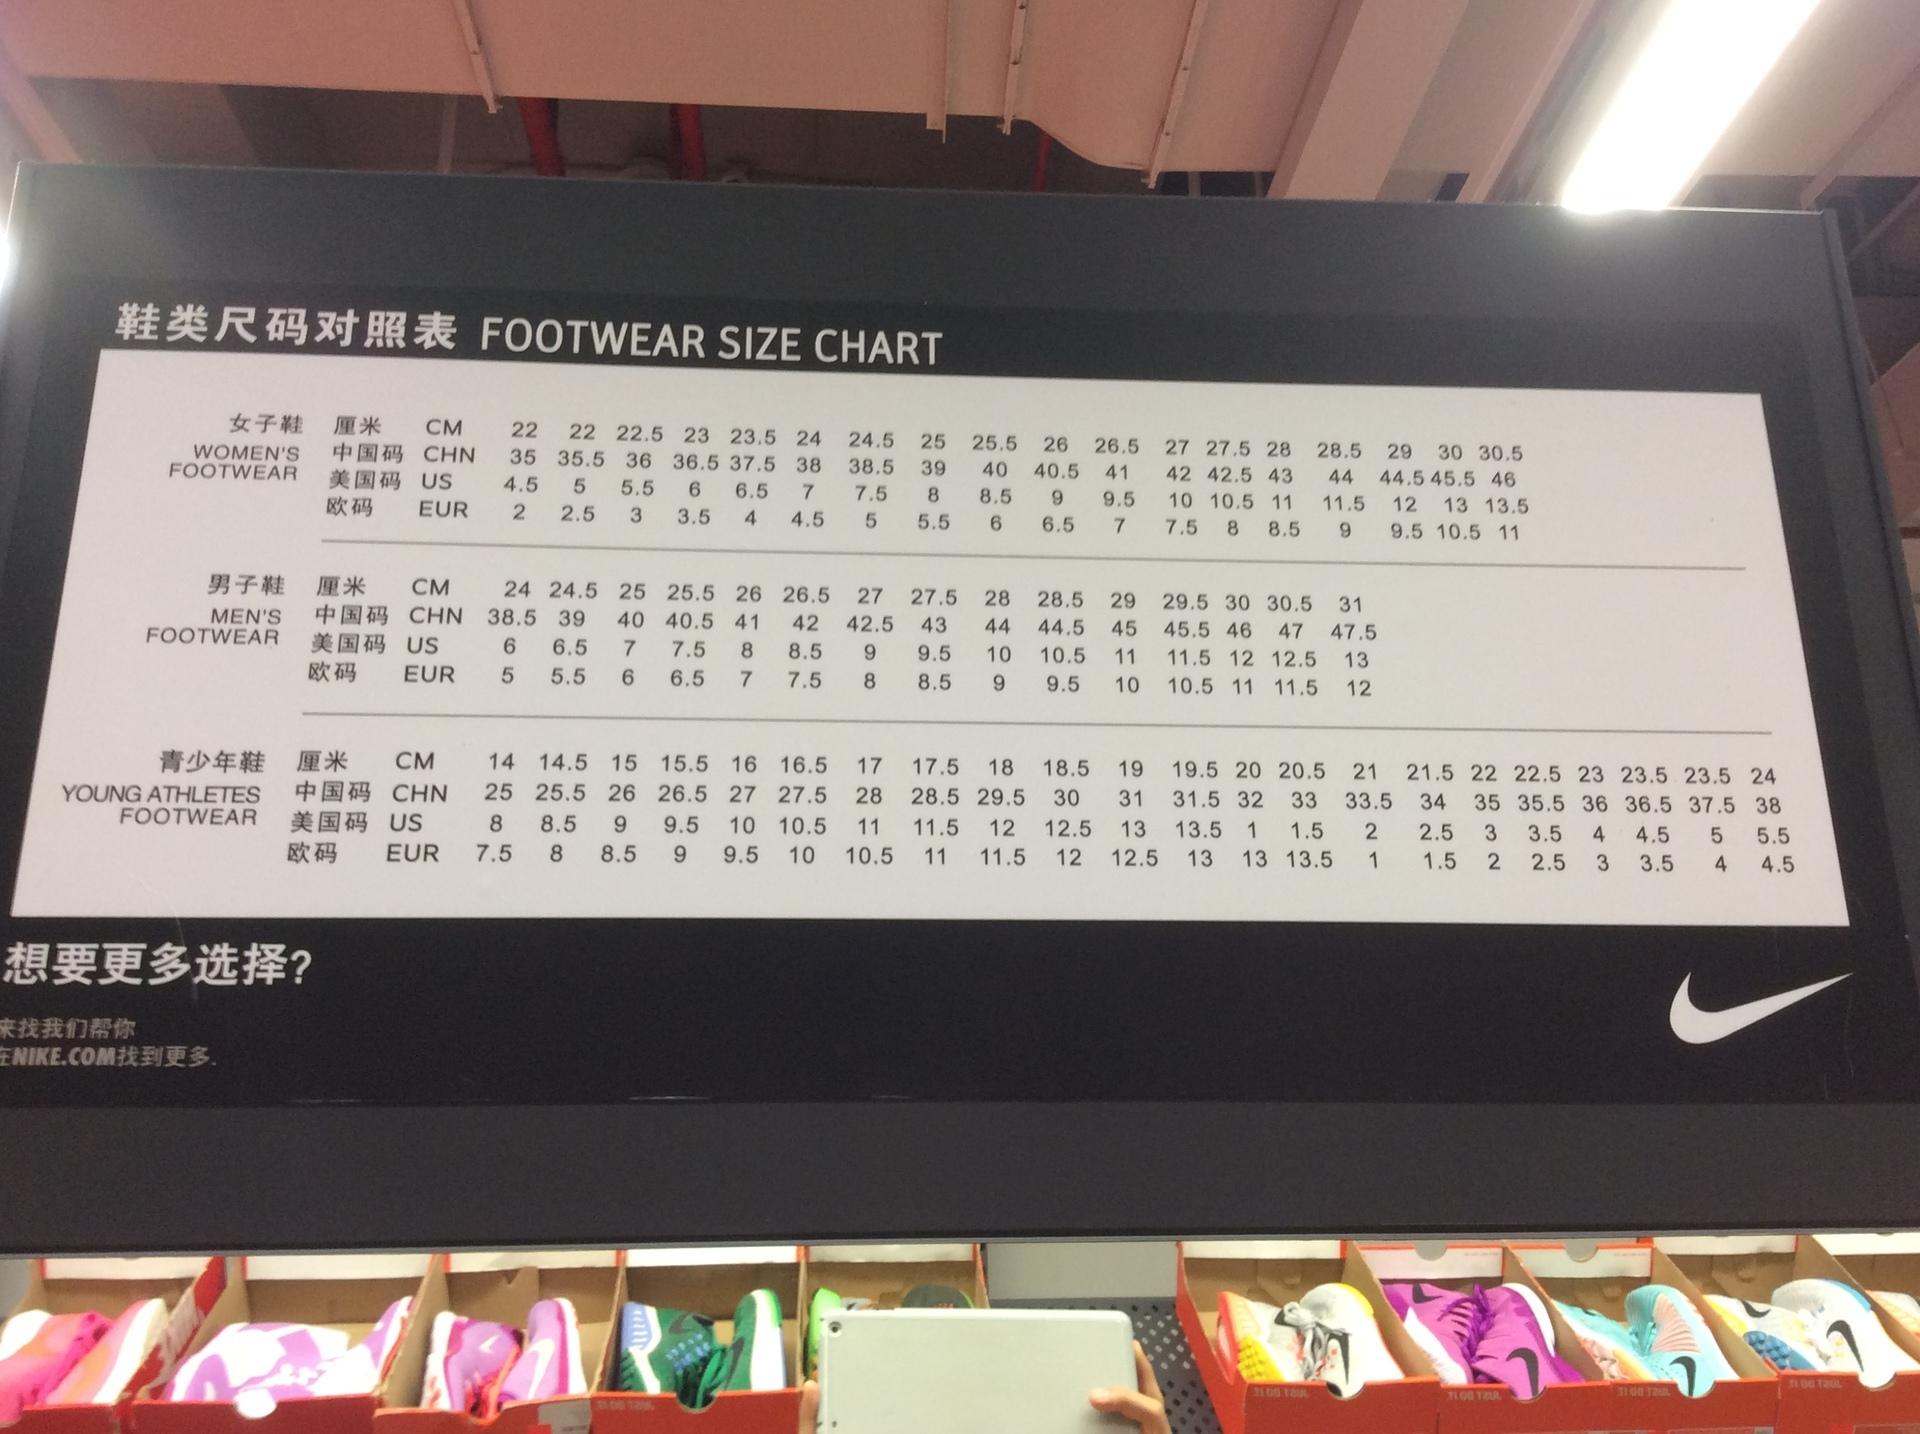 中国、香港で靴を買う時に役立つ靴のサイズ一覧。深センで偽物の